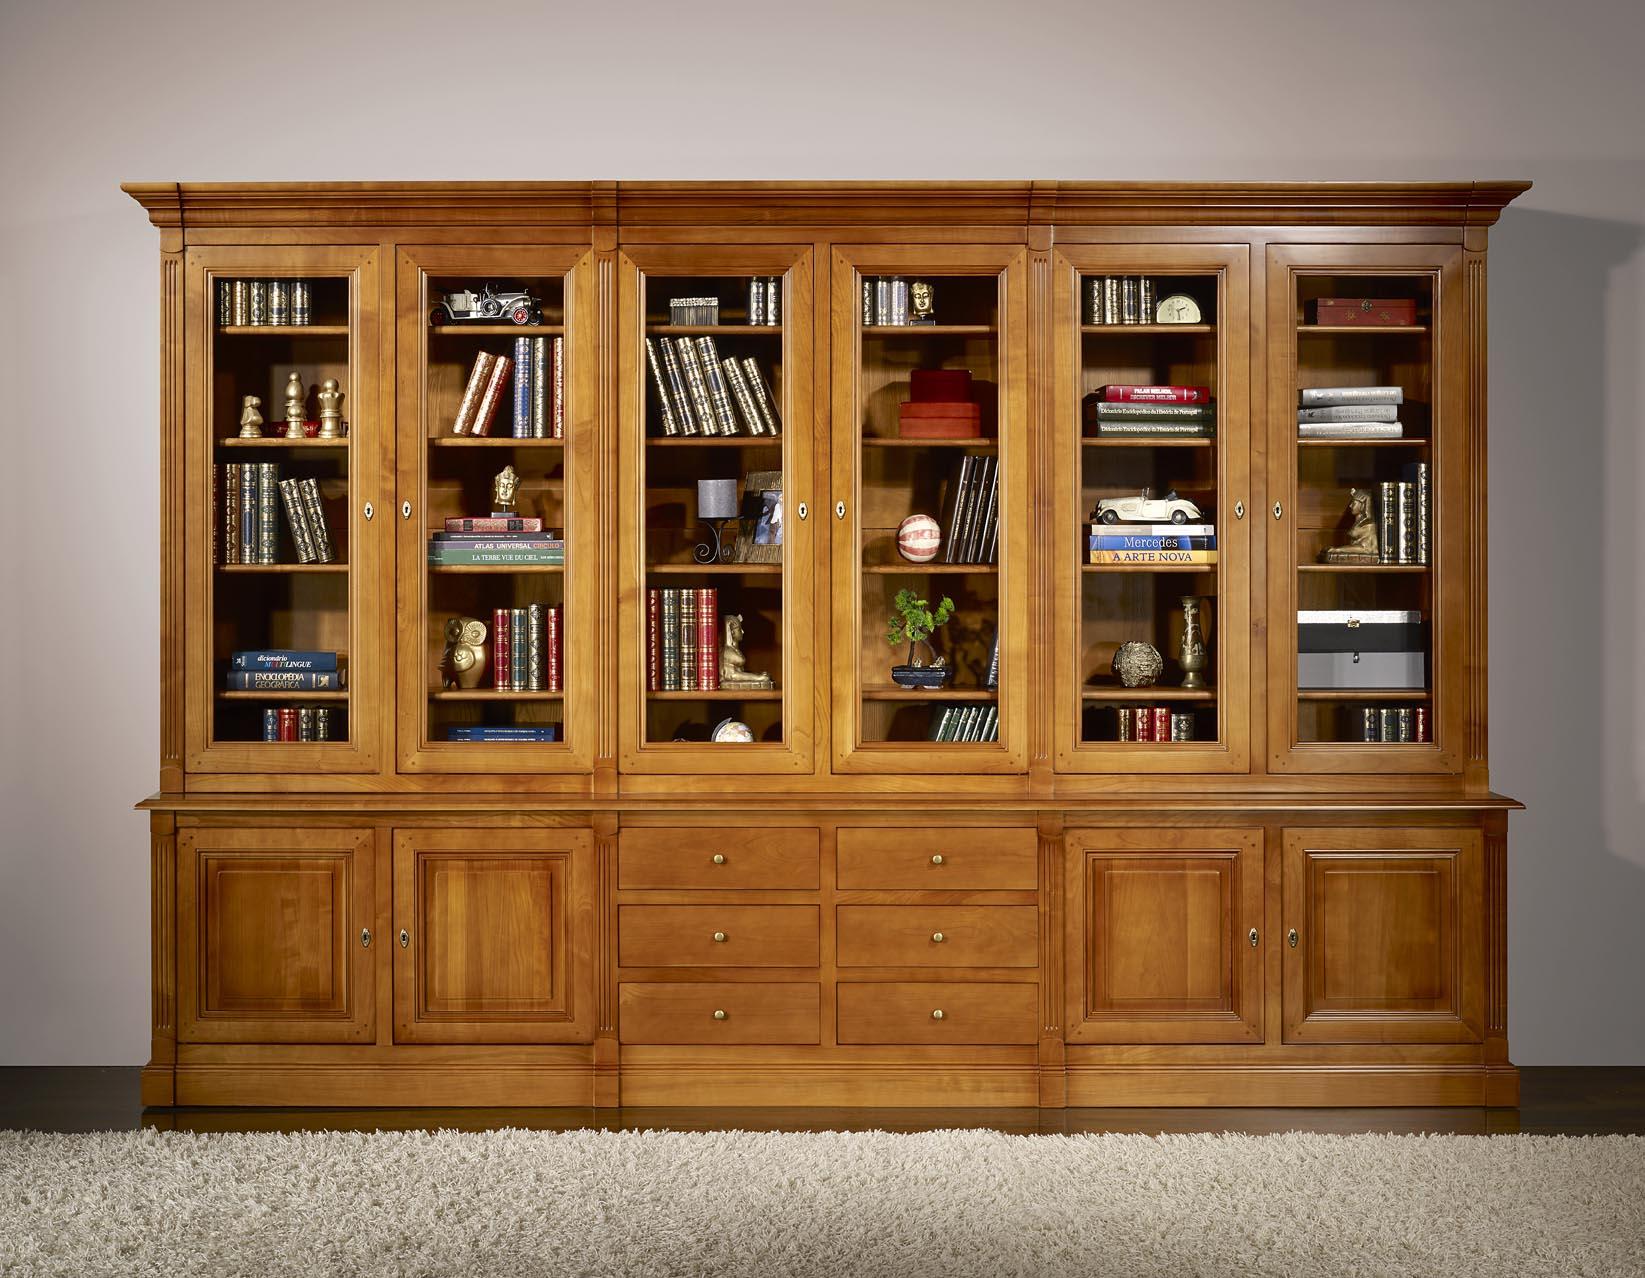 biblioteca 2 cuerpos 6 puertas sabine hecha en madera de cerezo macizo estilo directorio. Black Bedroom Furniture Sets. Home Design Ideas